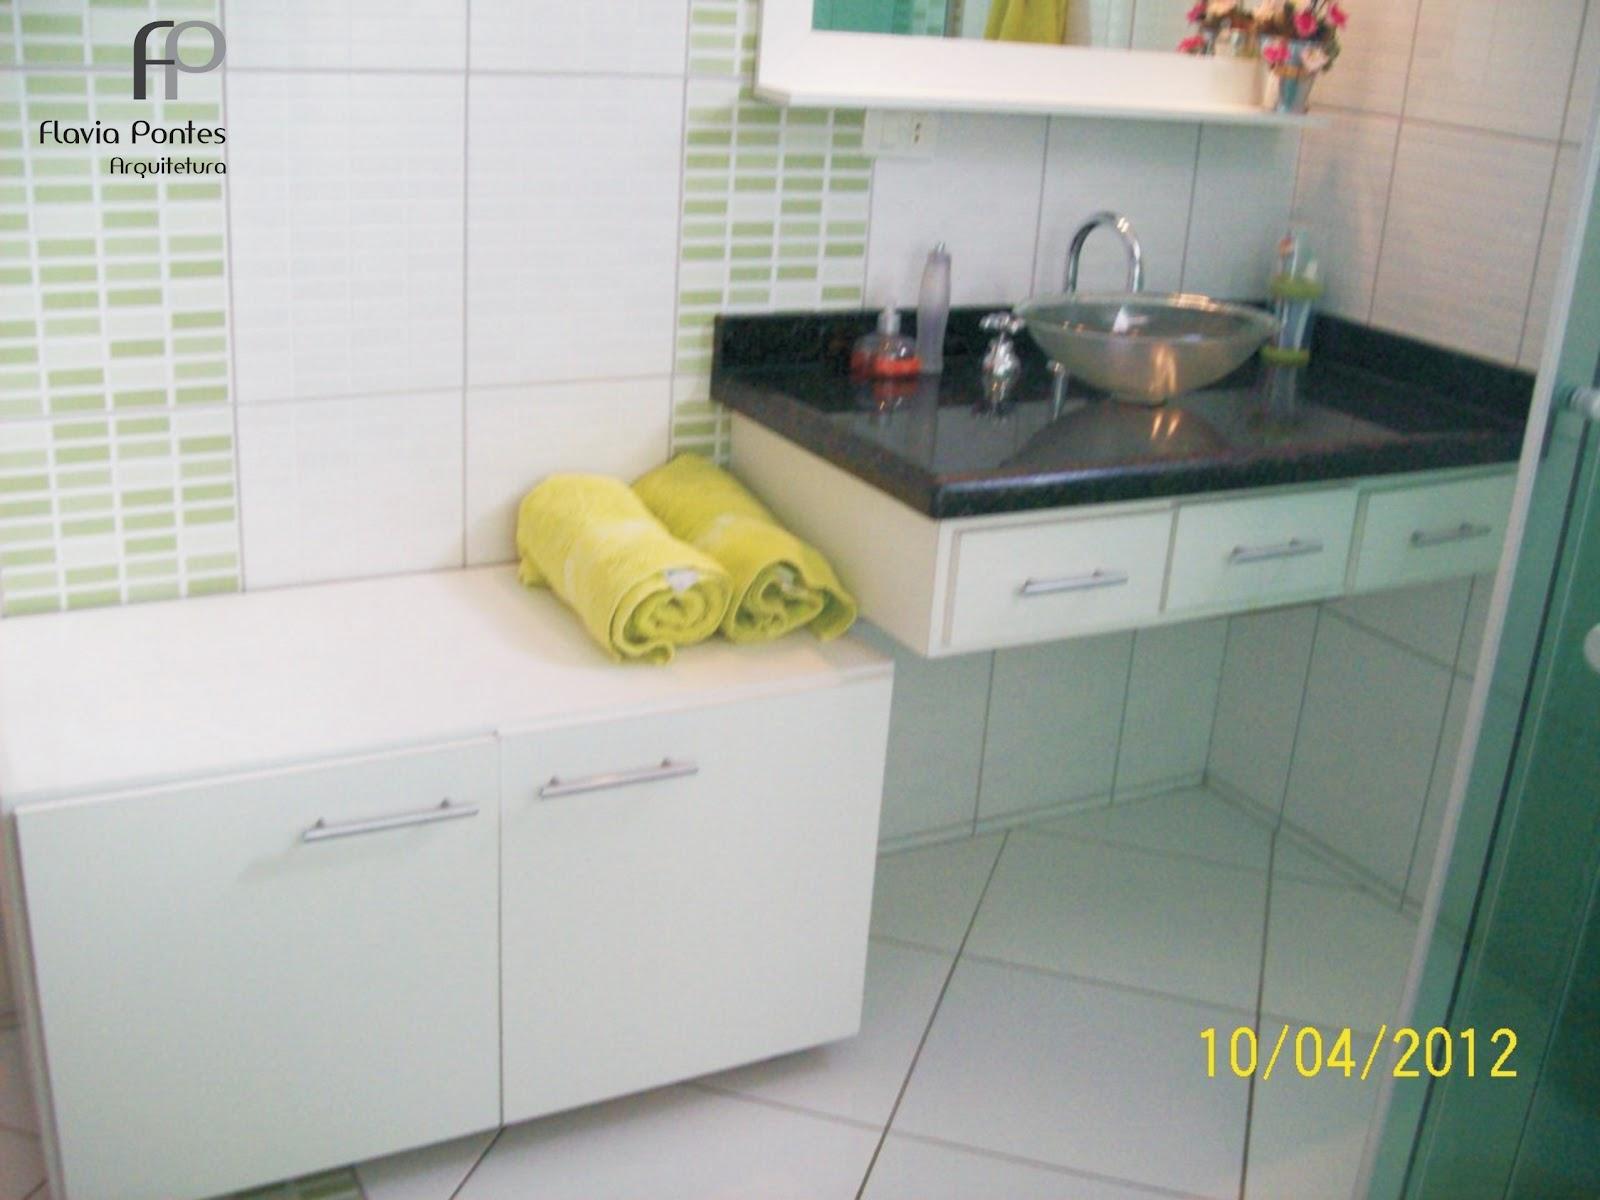 Postado por Flavia Pontes Arquitetura às 17:04 #9D932E 1600x1200 Arquitetura Banheiro Social